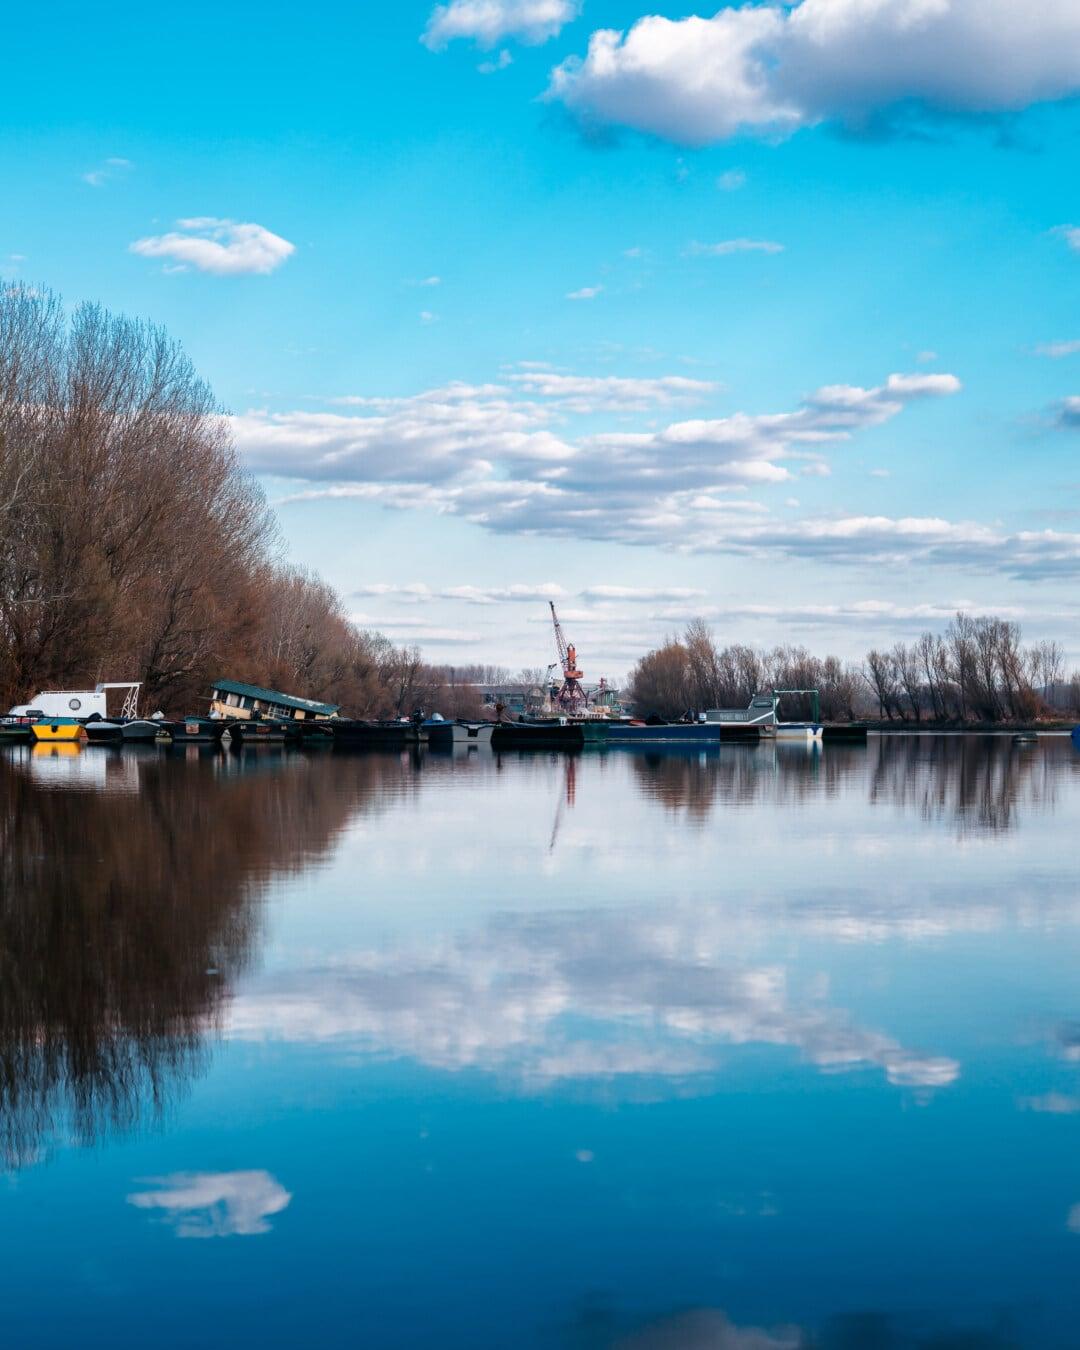 navire, chantier naval, bateaux, paysage, Lac, réflexion, eau, nature, à l'extérieur, aube